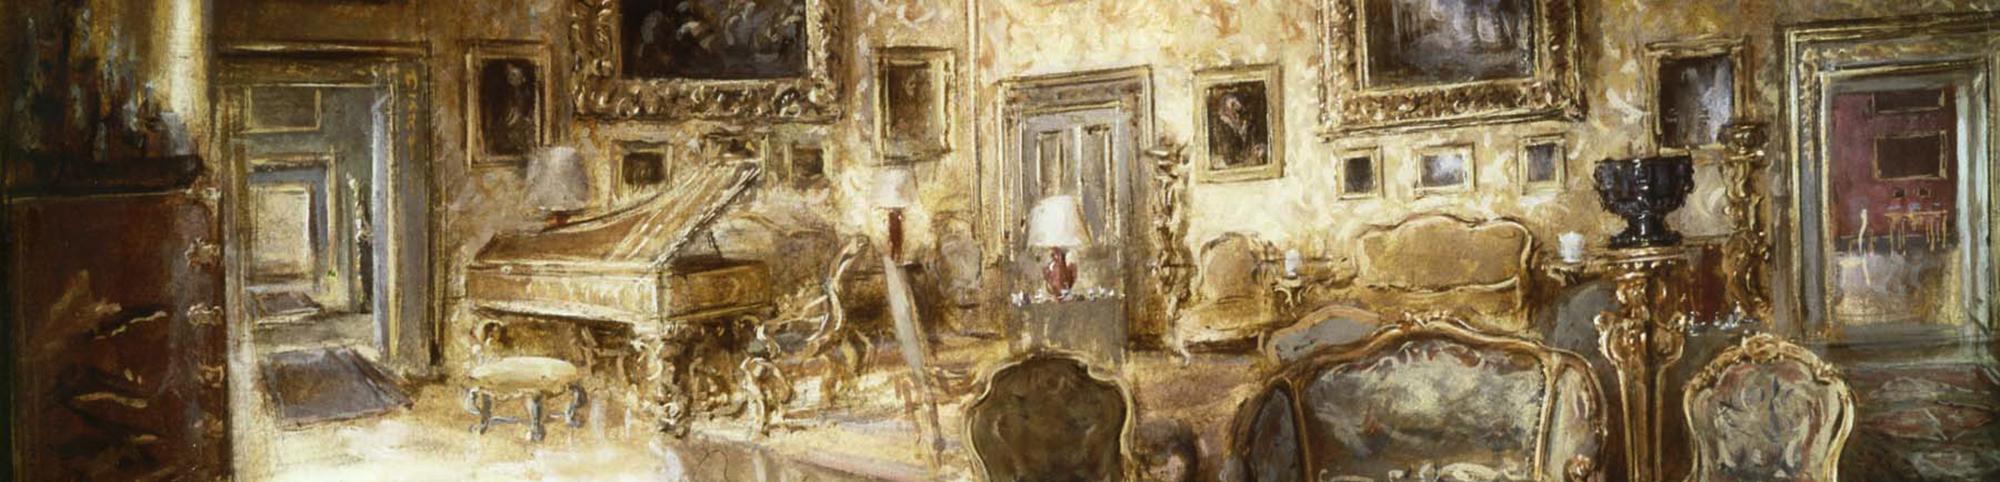 Philippe Casanova, Palazzo Pallavicini, 1995